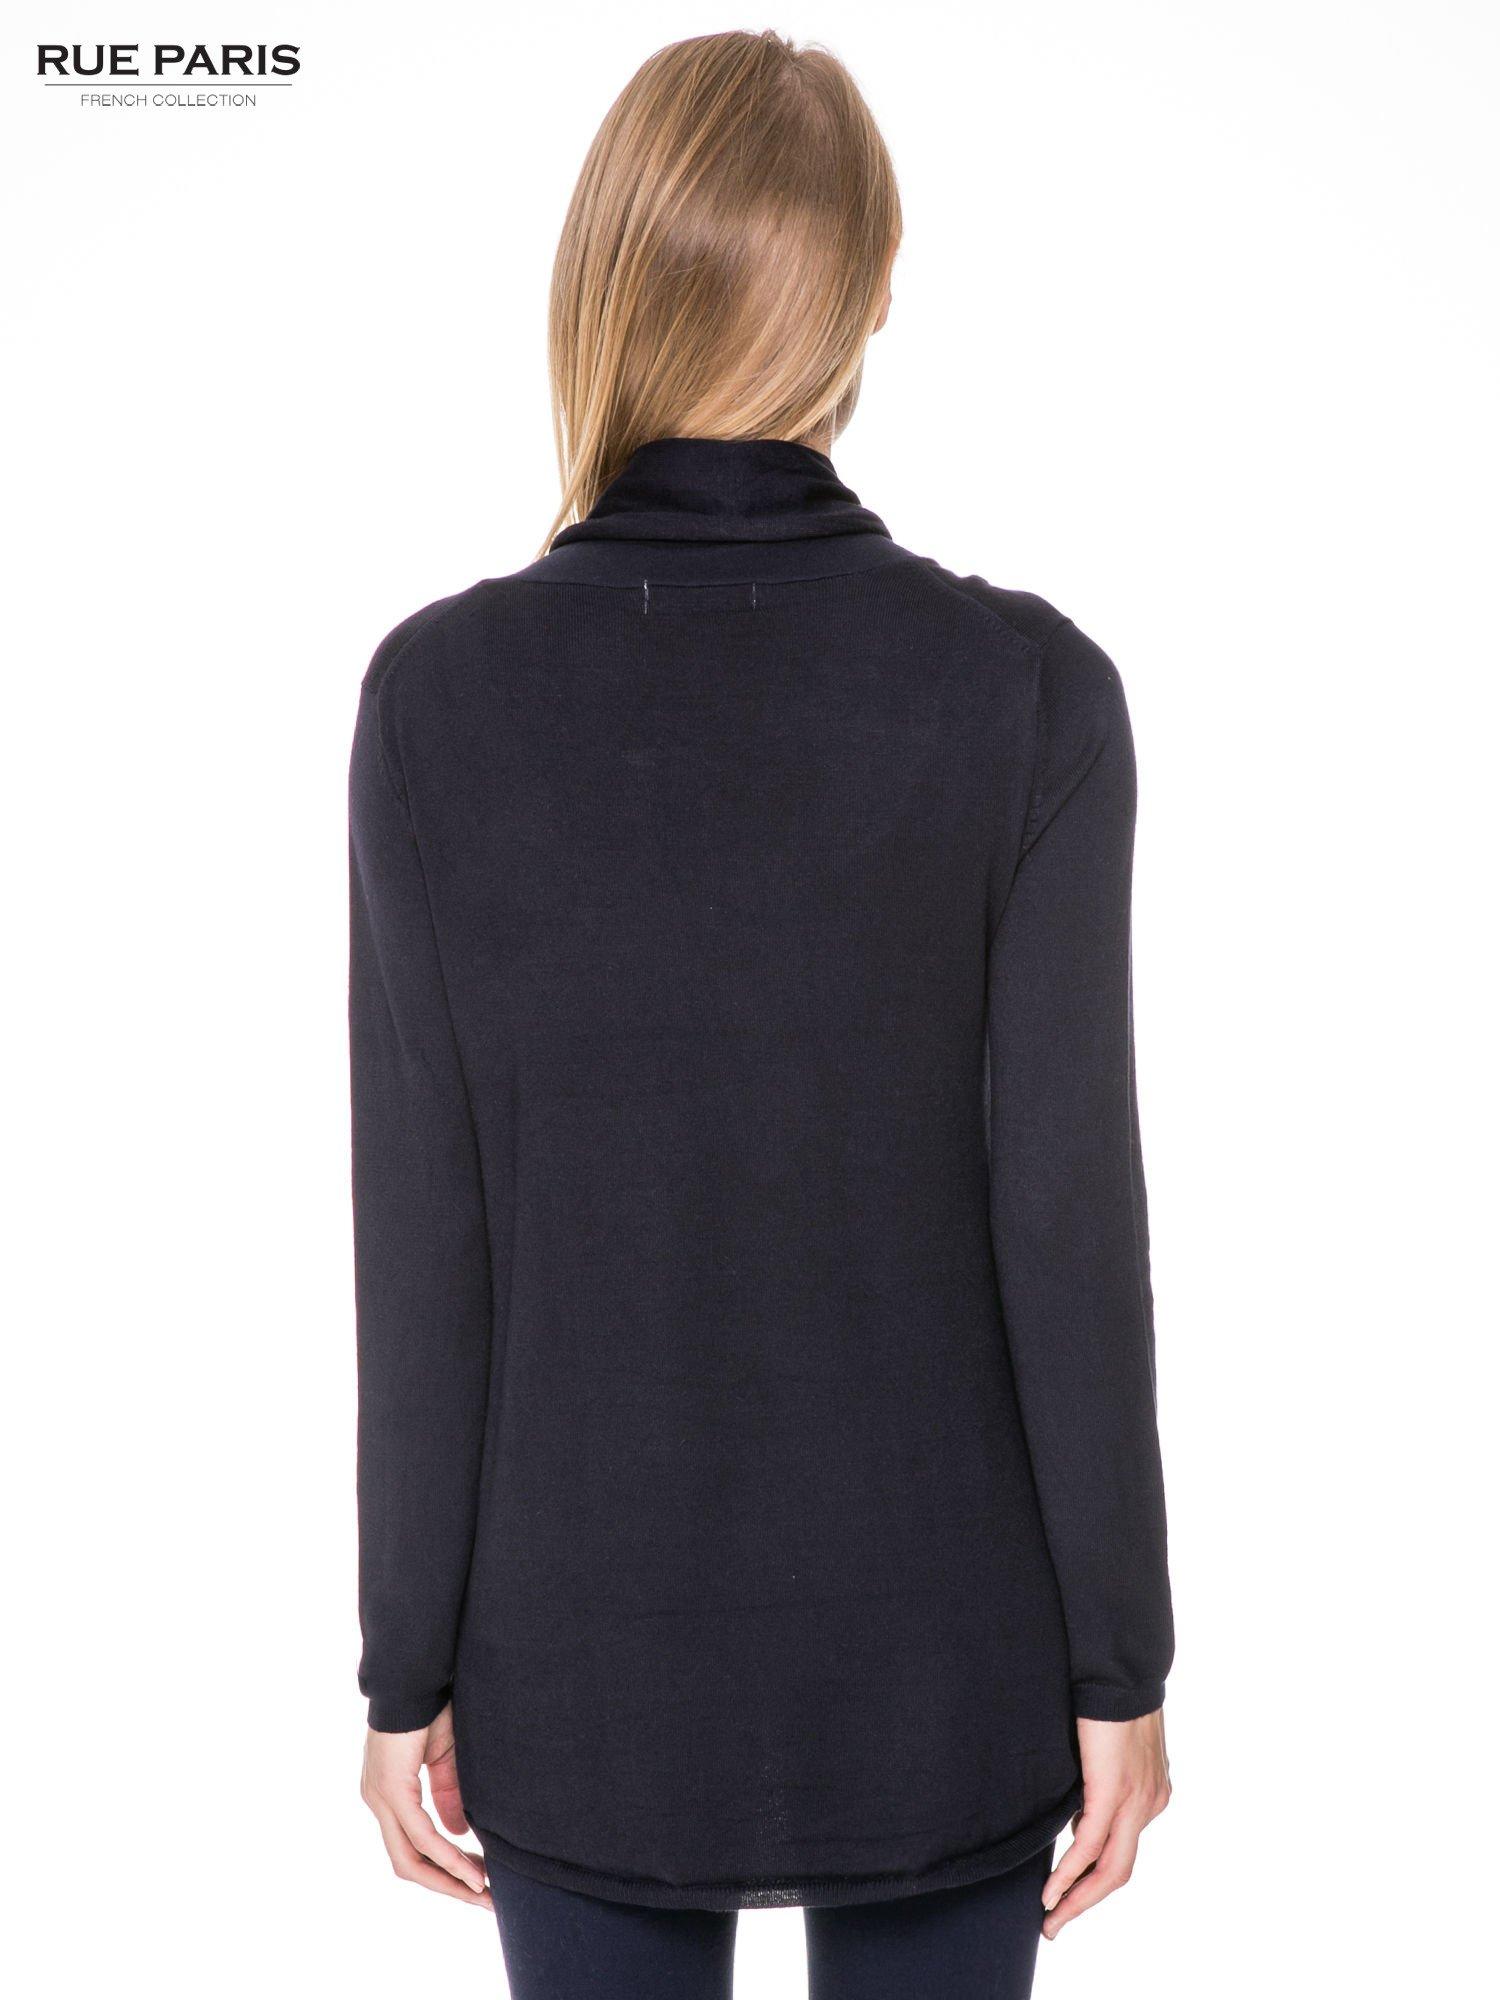 Granatowy otwarty sweter narzutka z dłuższym tyłem                                  zdj.                                  4